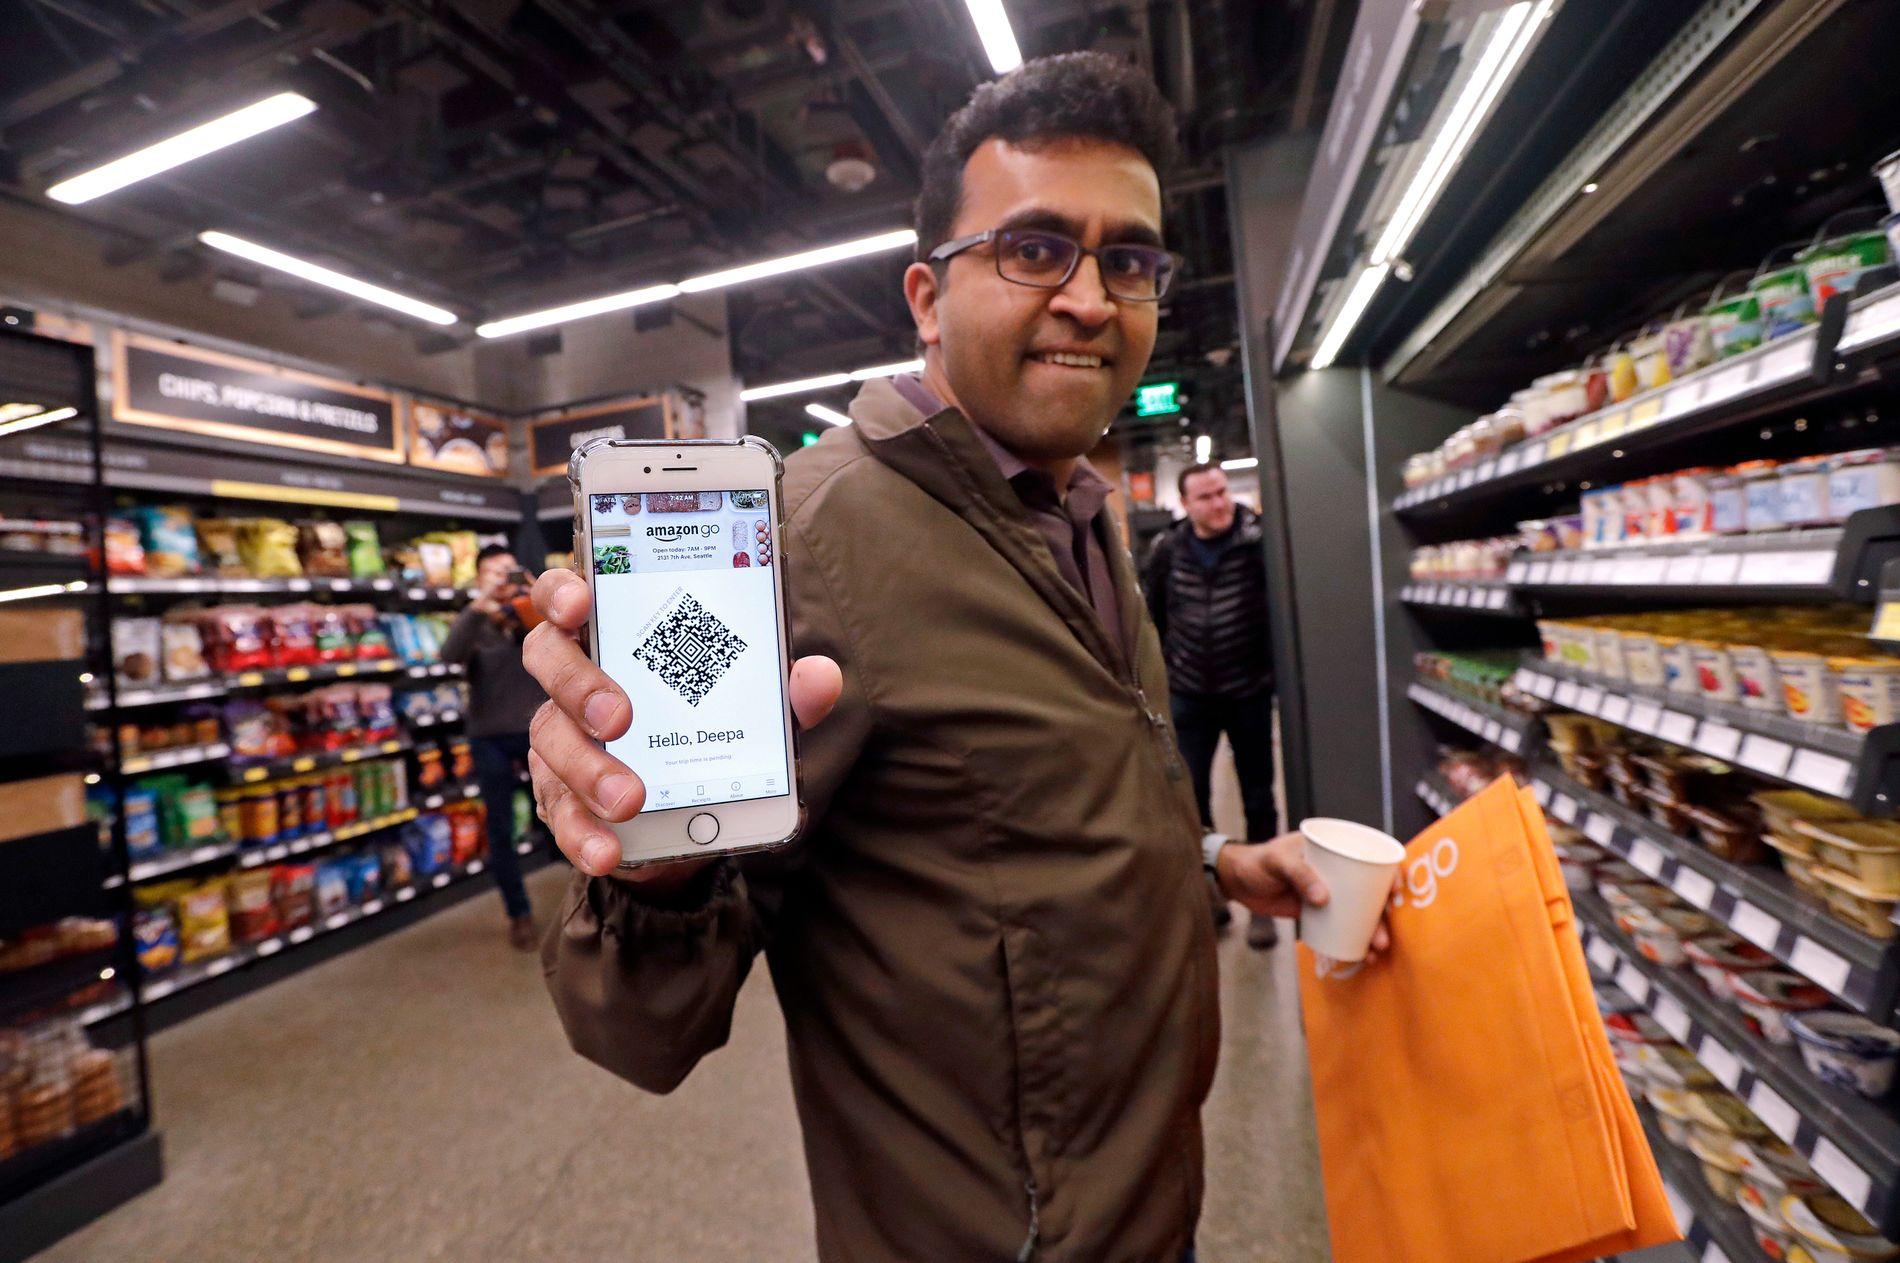 KJØP&GÅ: Ein tilsett i Amazon Go-butikken i Seattle viser mobilappen du treng for å kome deg inn i butikken. Ei mengde kamera og sensorar følgjer med på kva du tek frå hyllene, og trekkjer betalinga frå Amazon-kontoen din.